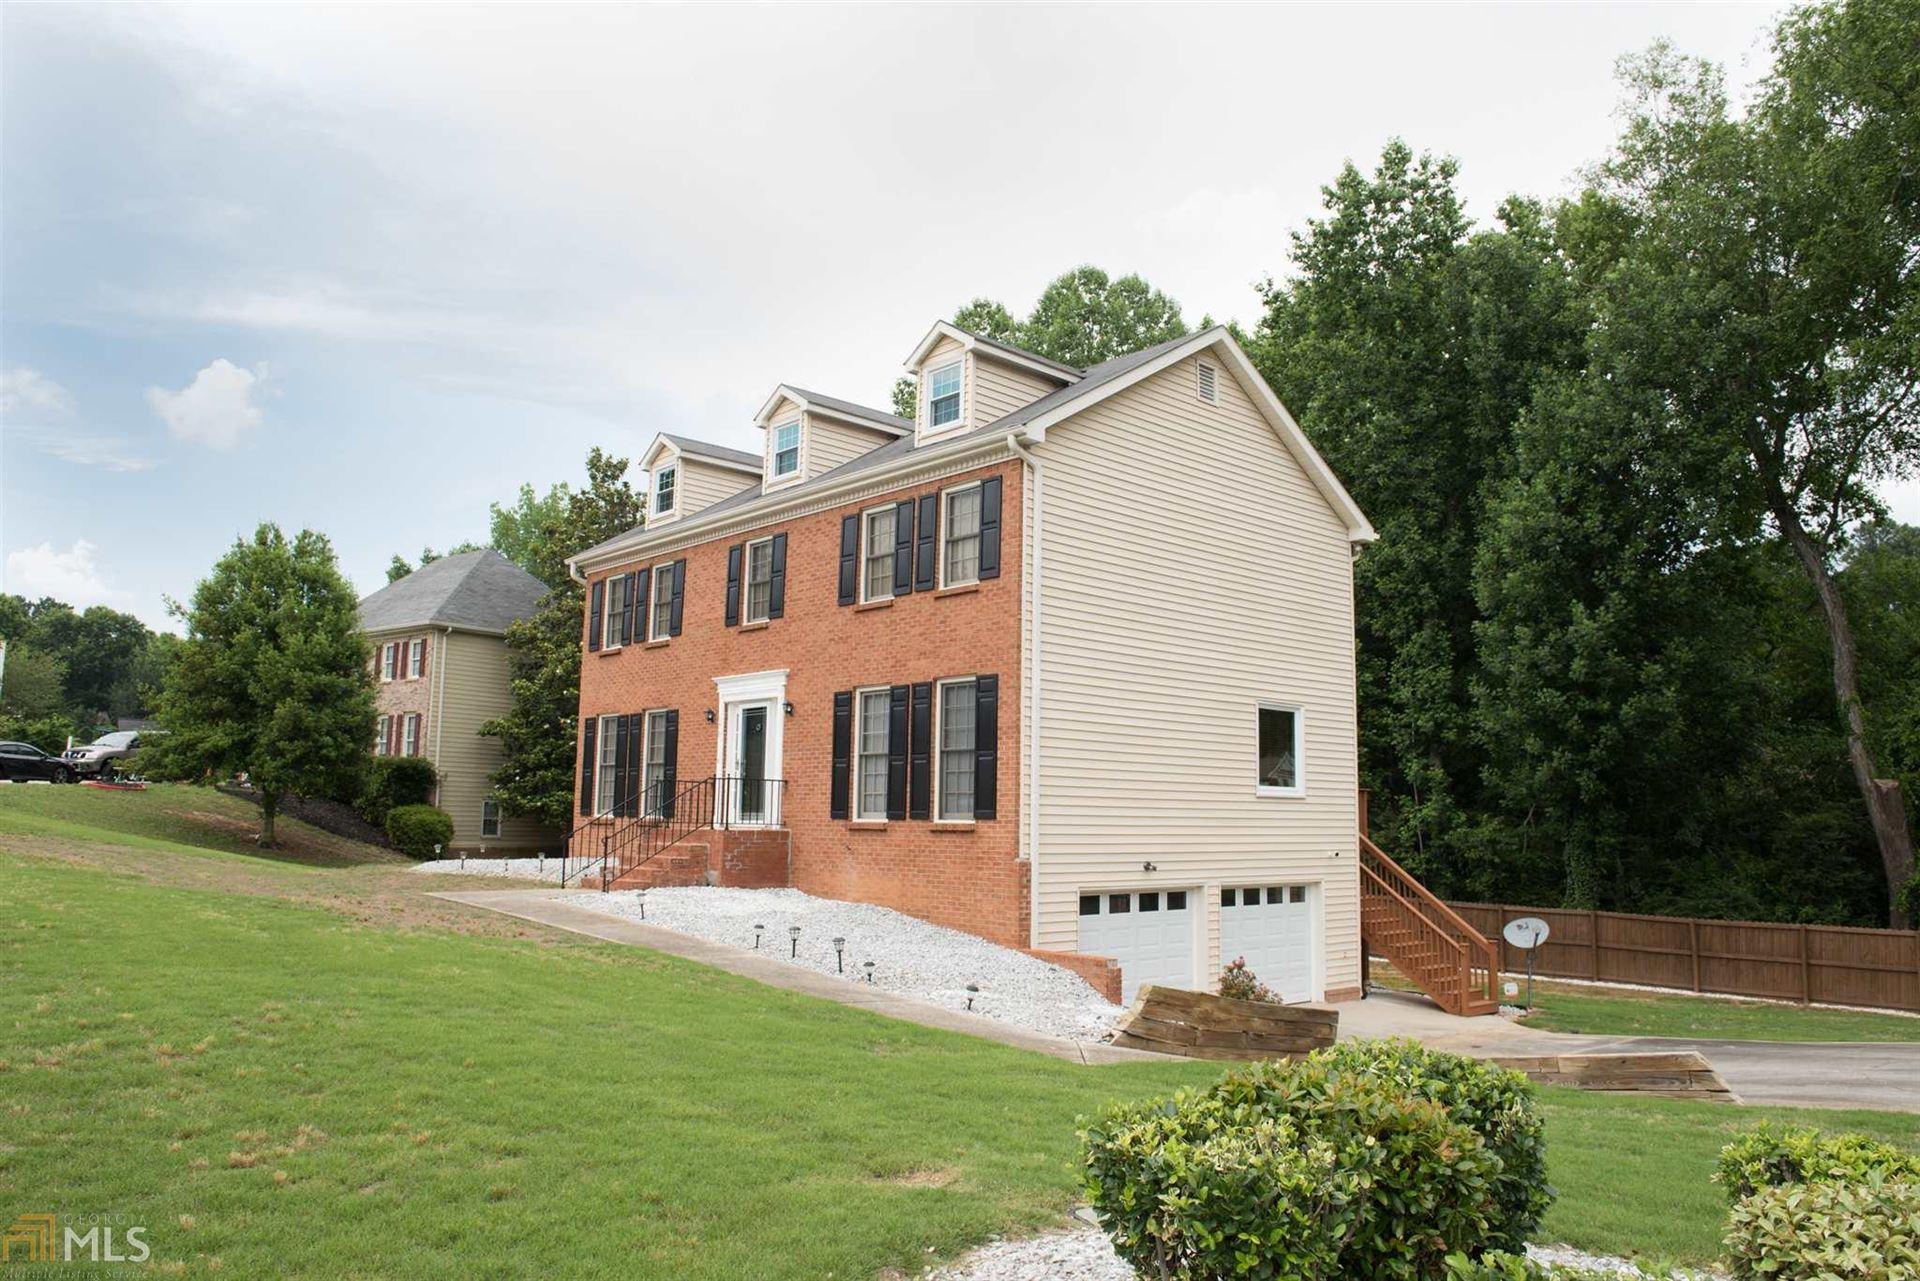 250 Thornbush Trce, Lawrenceville, GA 30046 - #: 8802324